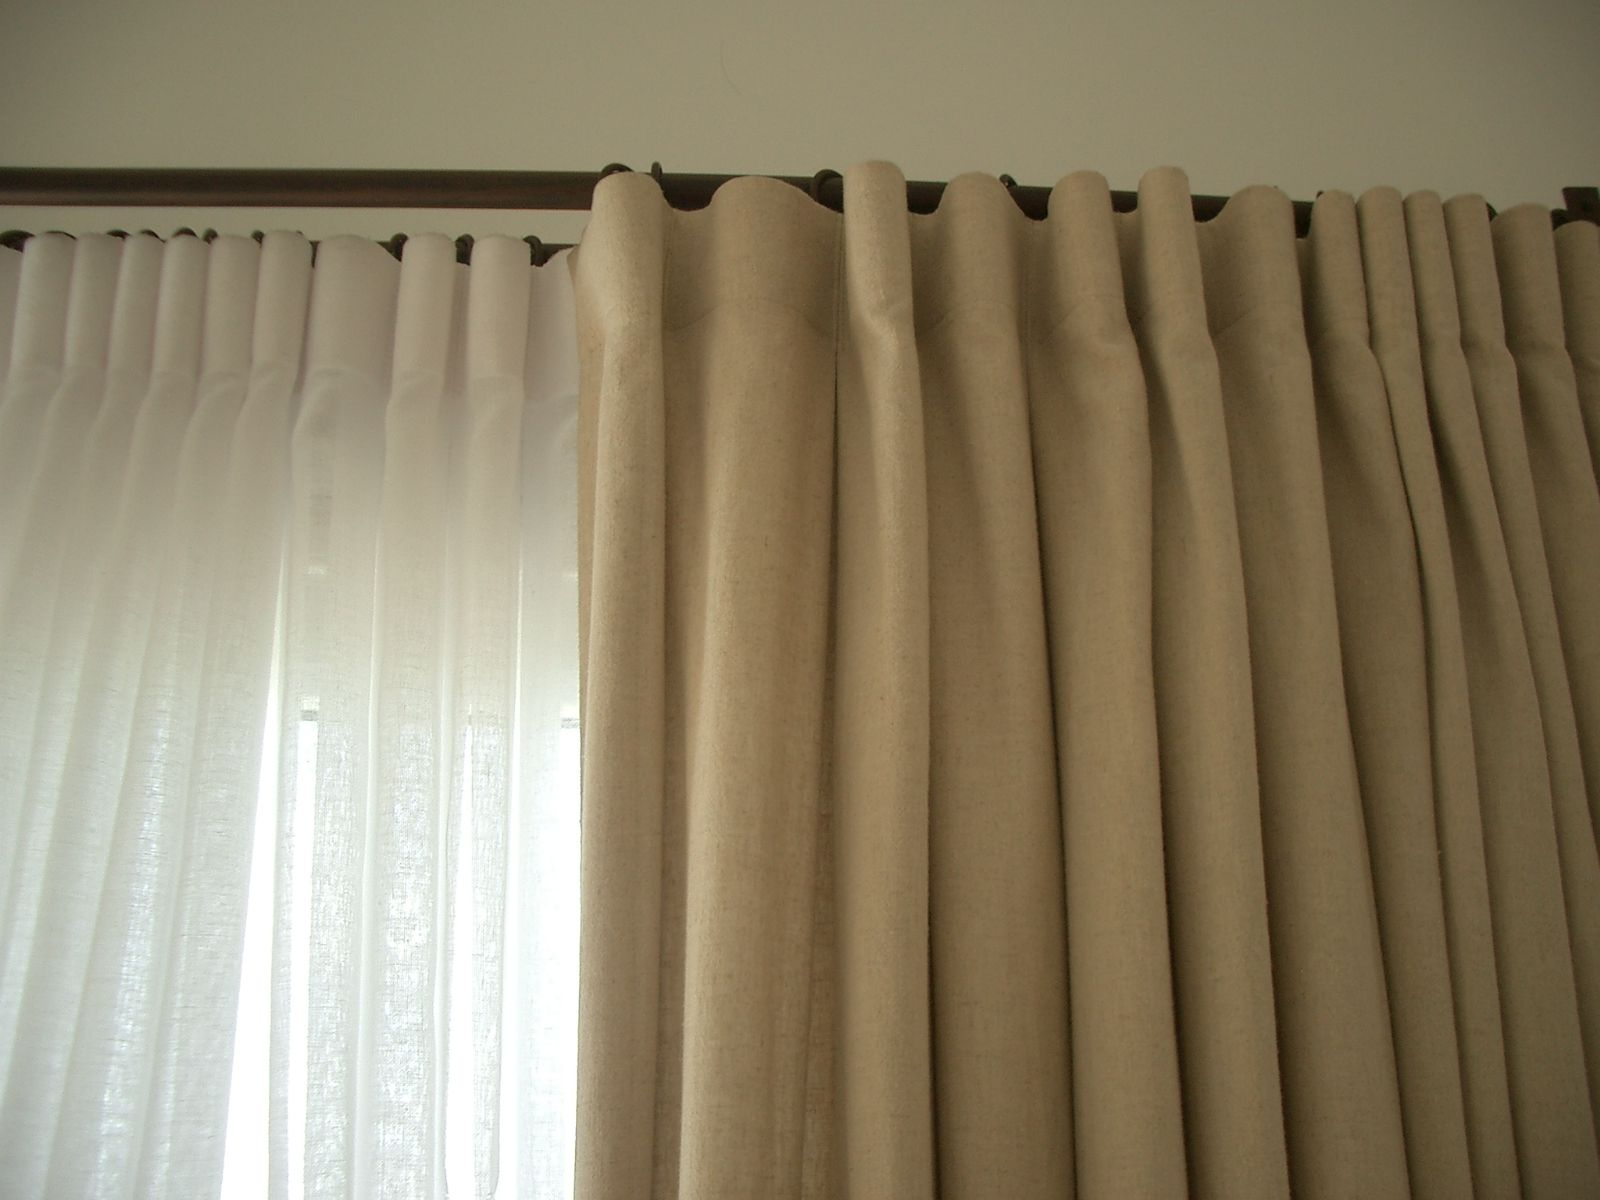 cortina de lino y gasa simil lino Romina guerrero